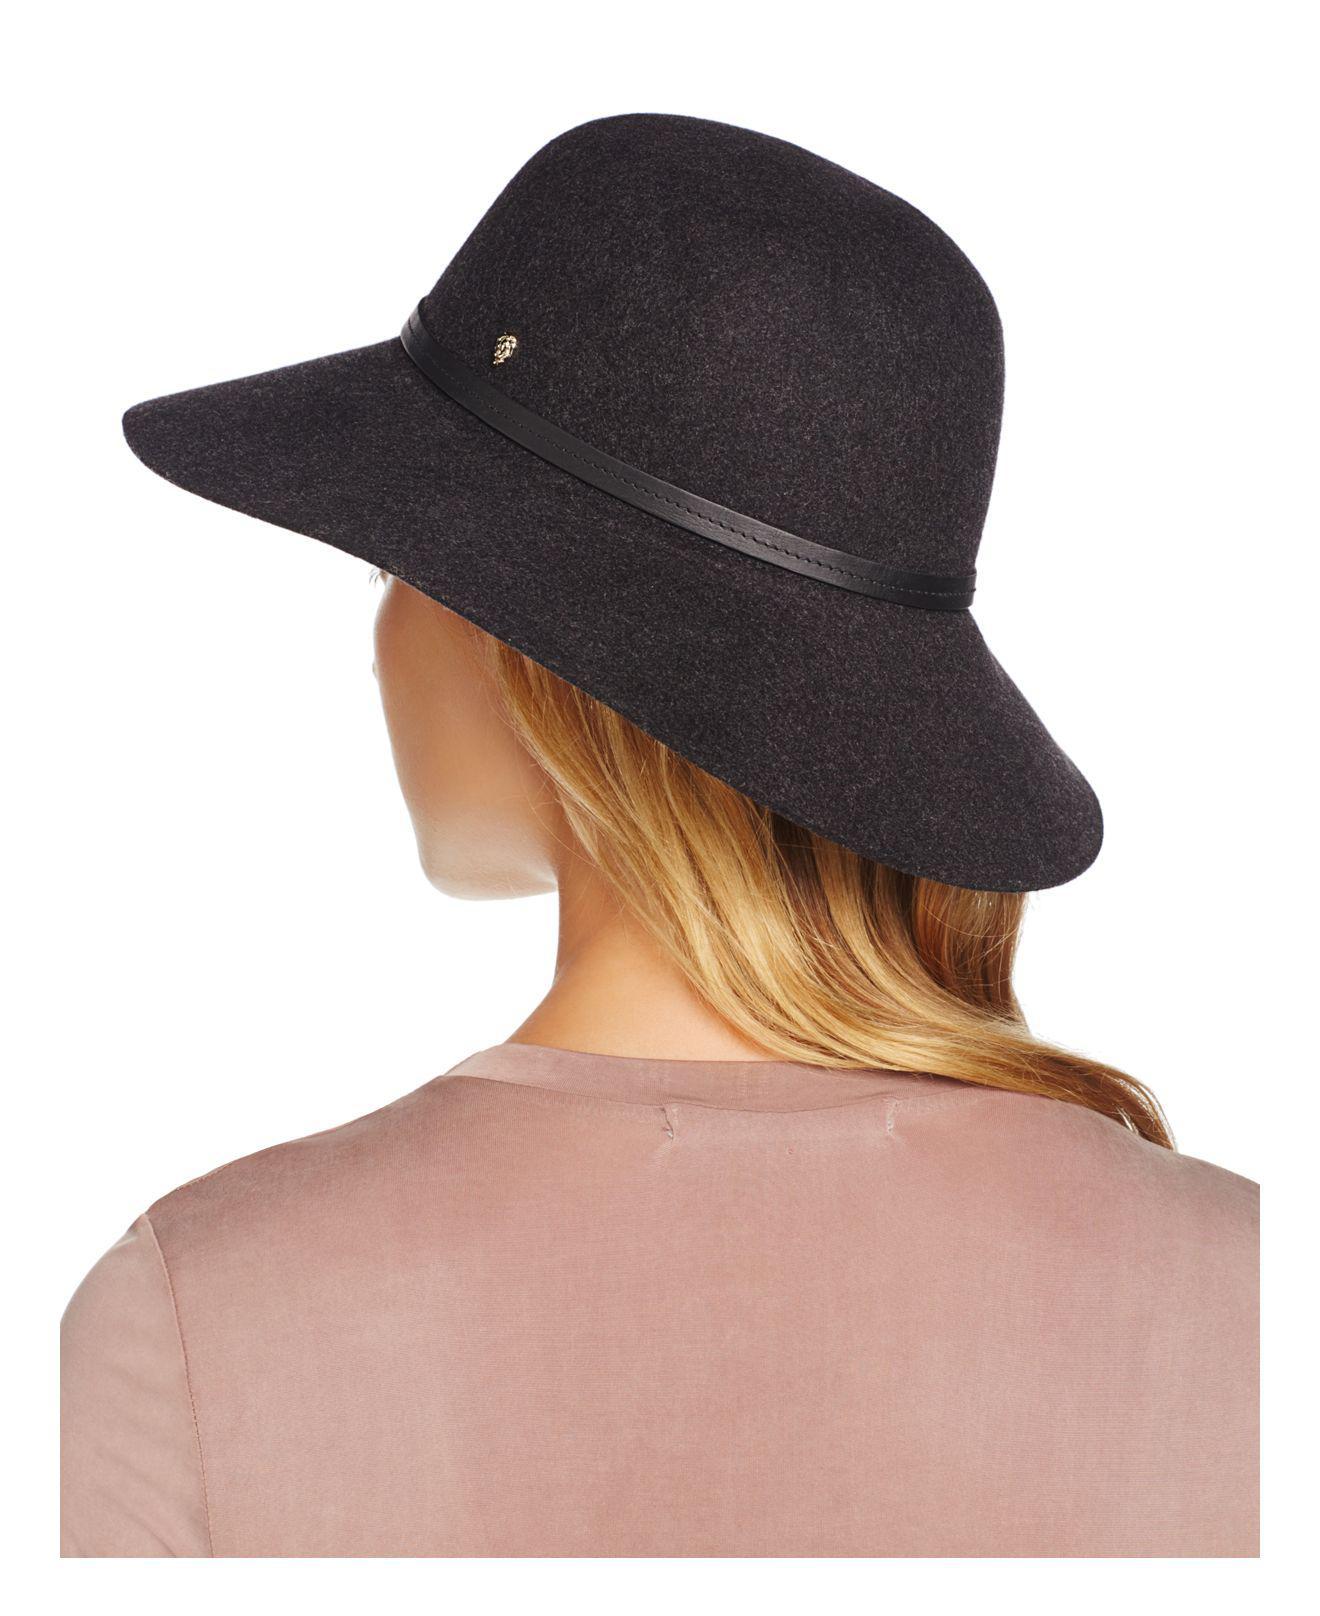 5b6378671e951 Helen Kaminski Marcie Wool Round Hat in Gray - Lyst